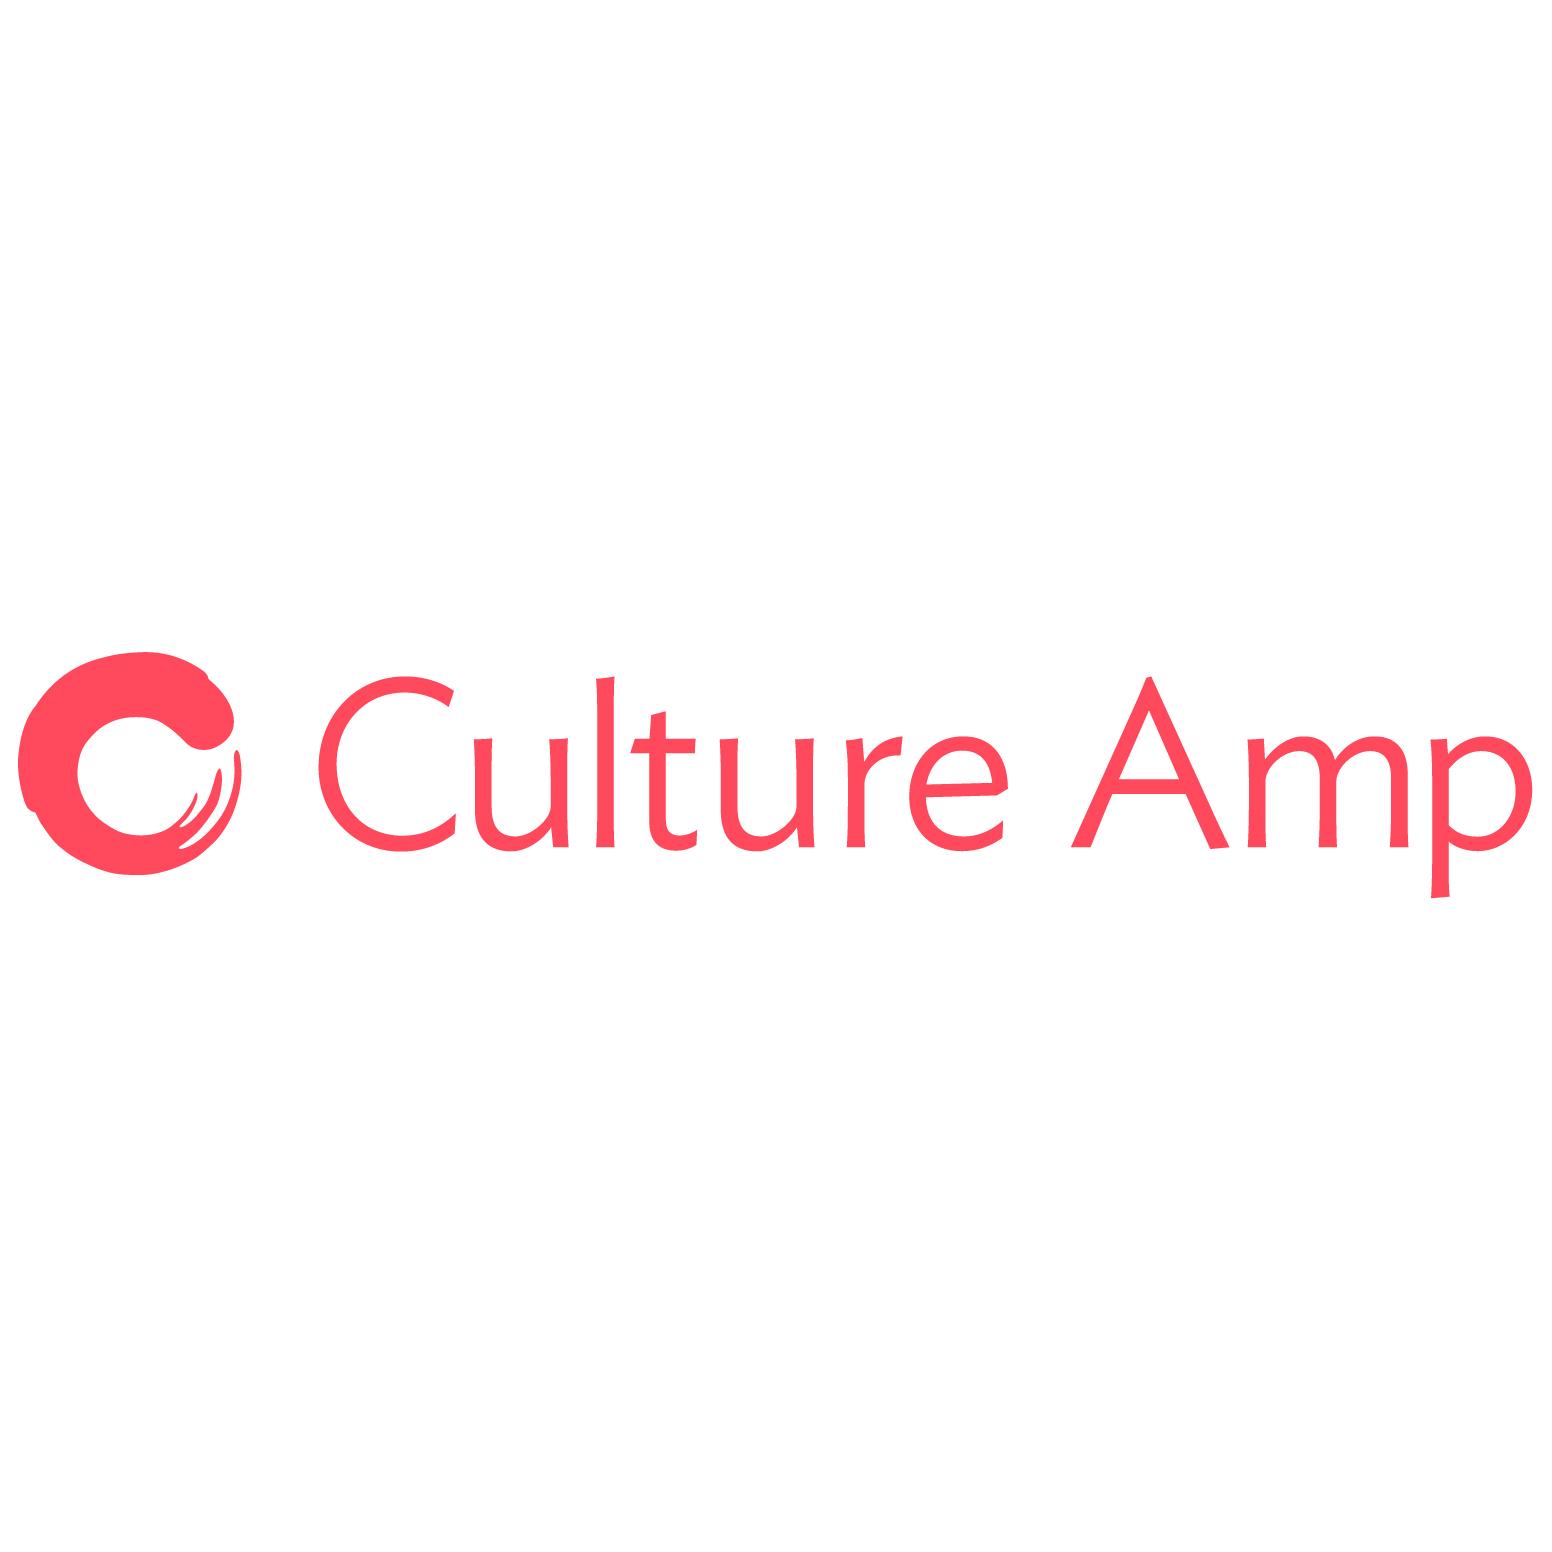 cultureamp.jpg